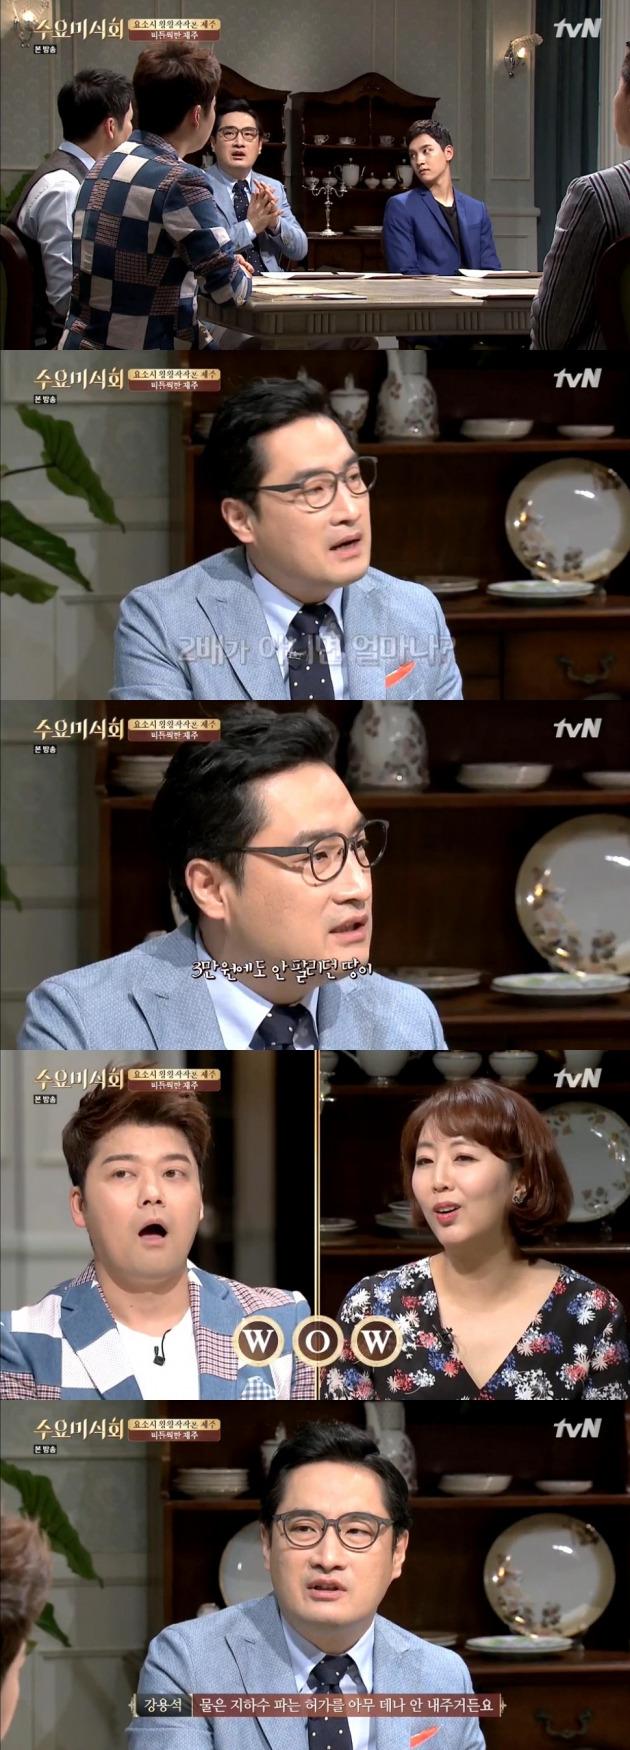 수요미식회 제주도 / 수요미식회 제주도 사진=tvN 방송 캡처